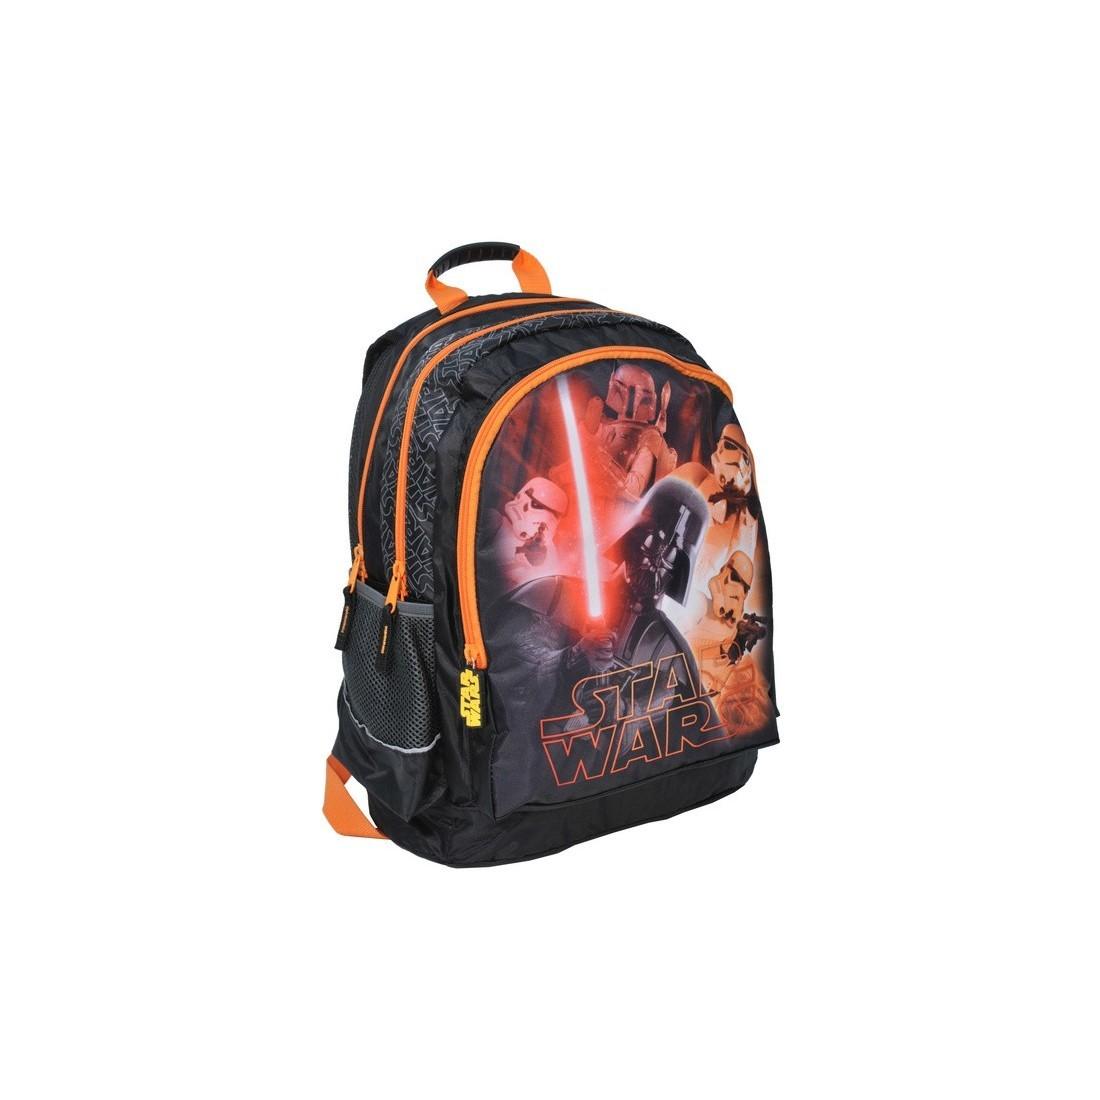 Plecak szkolny Star Wars z pomarańczowym zamkiem